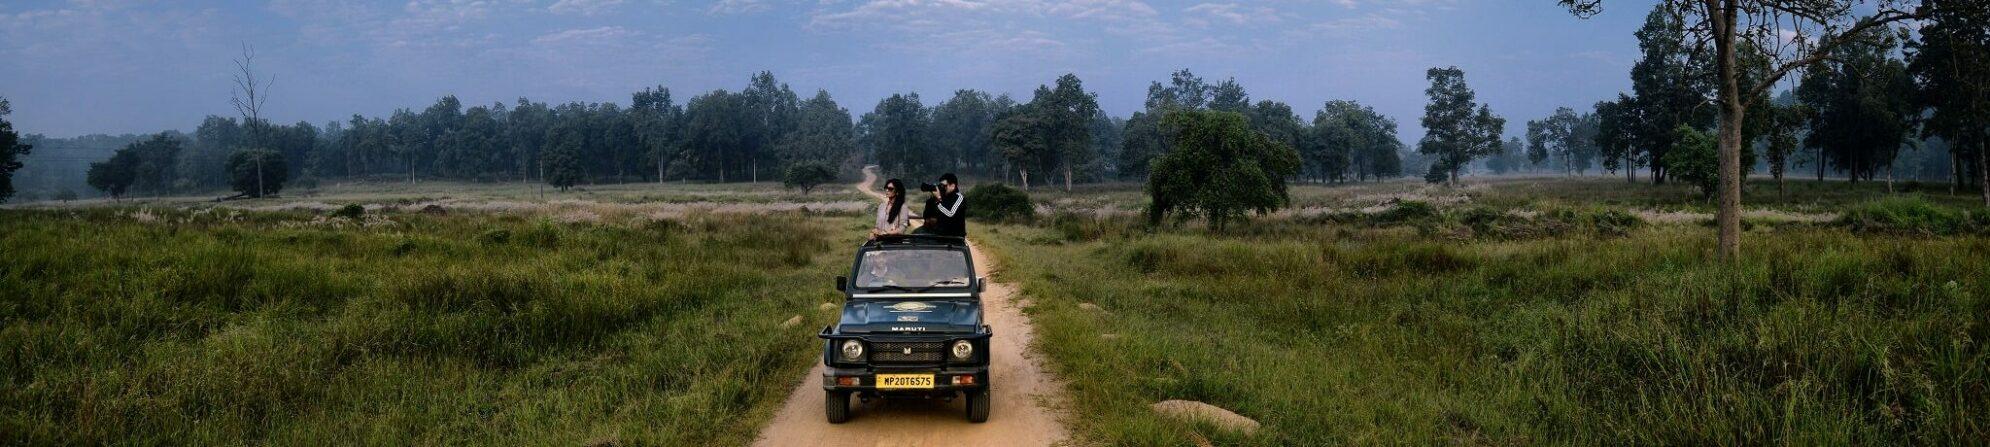 Pirschfahrt in Indien